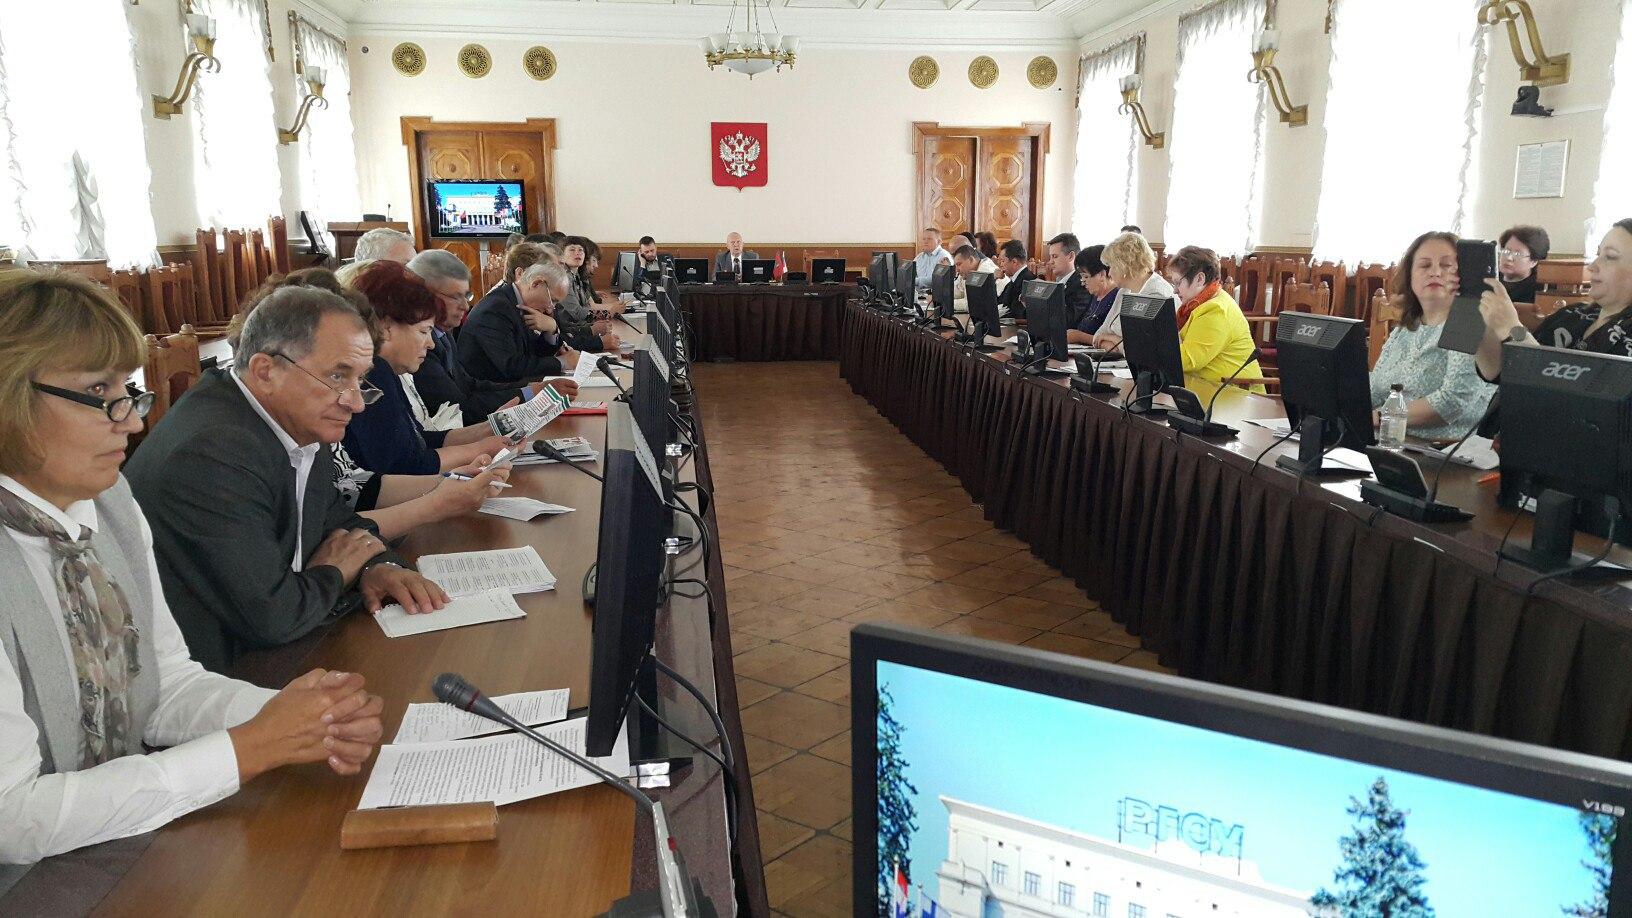 В Москве с участием представителей от Тюмени состоялась научно-практическая конференция по развитию территориального общественного  самоуправления